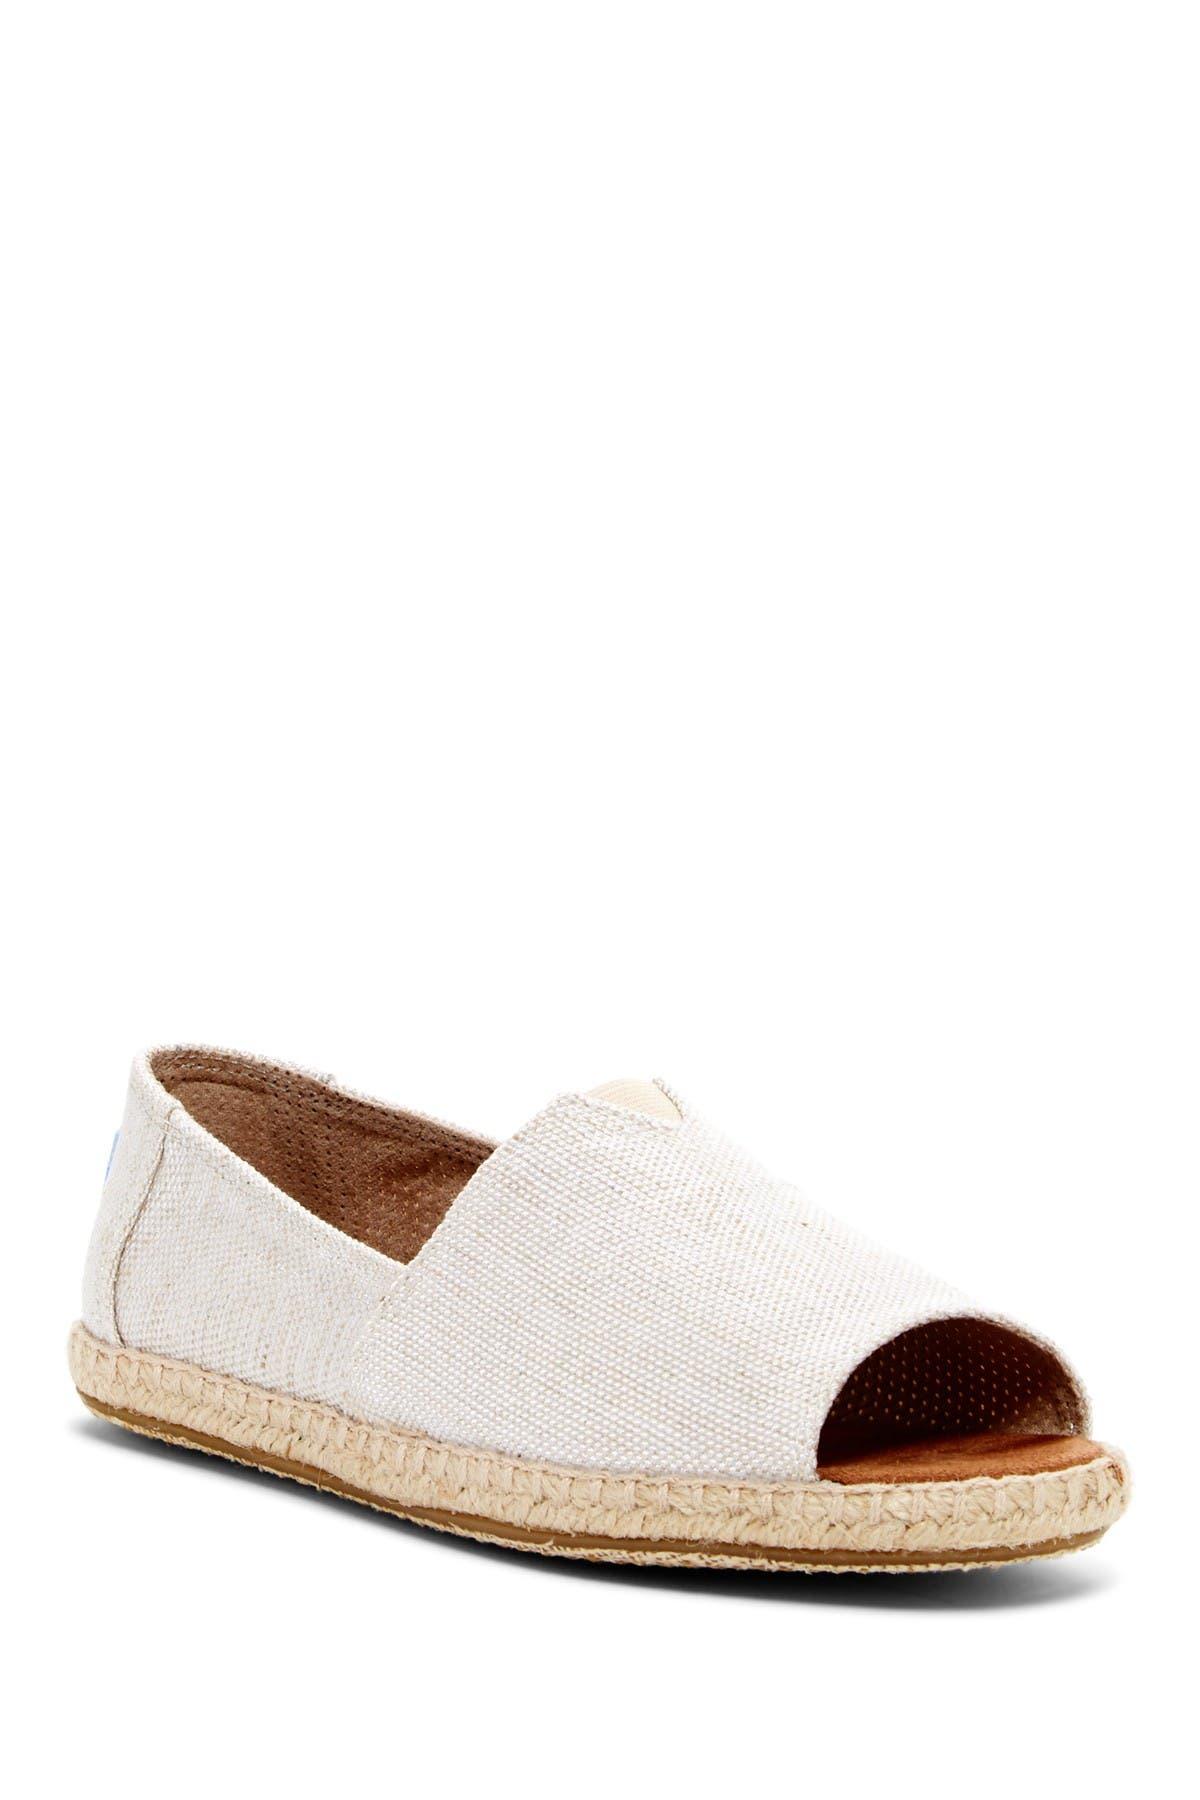 TOMS | Alpargata Open Toe Slip-On Flat